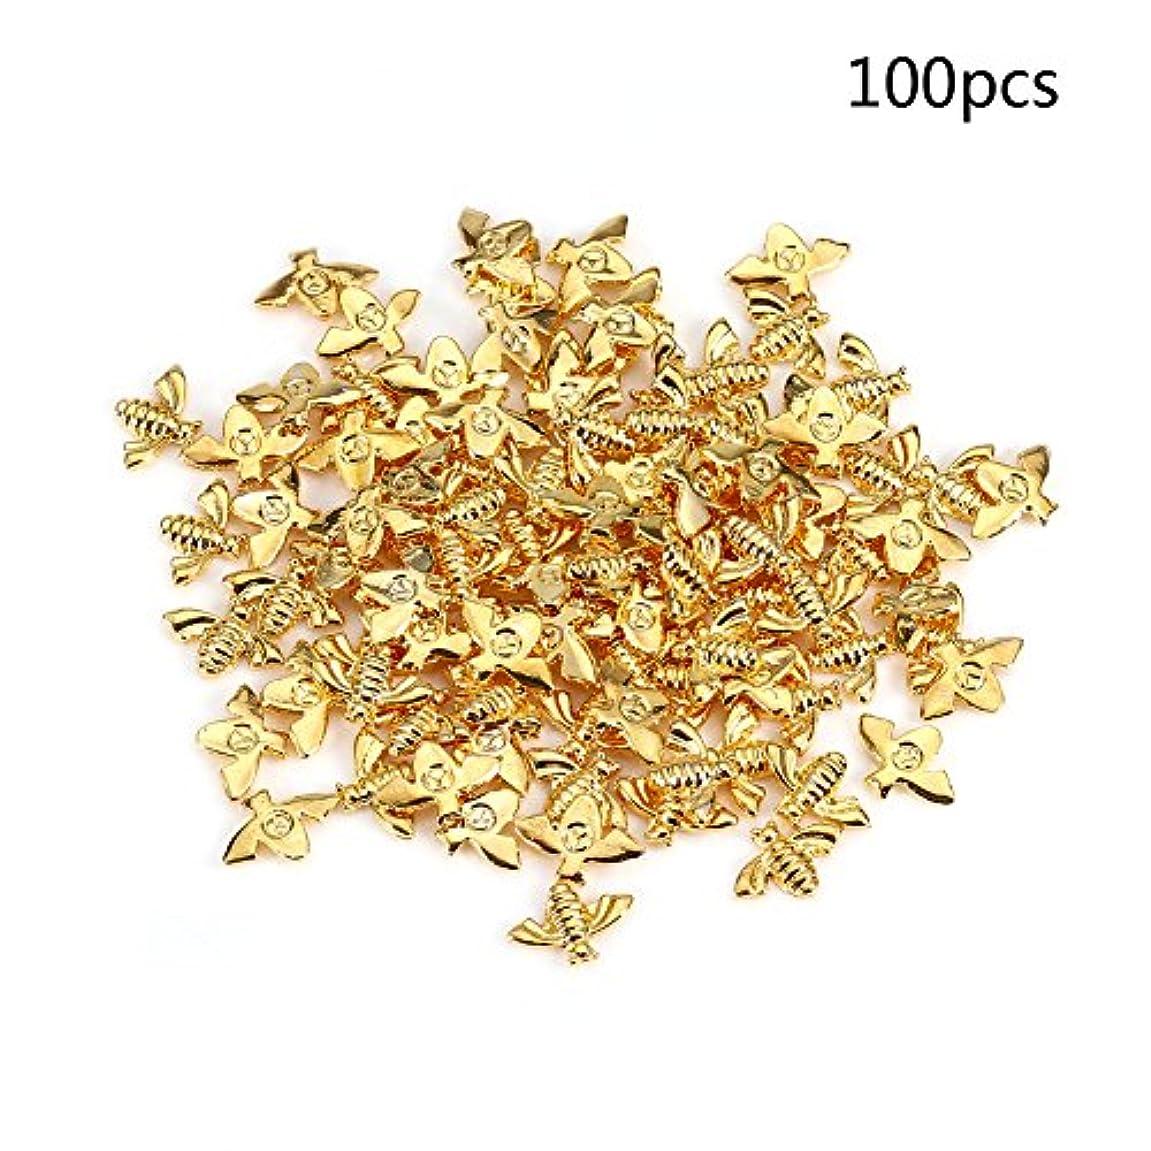 無条件多年生地域メタルネイルデコレーション 2色100pcs / bag金属蜂3Dネイルデコレーションメタルスティックゴールドシルバーネイルデカールマニキュア (ゴールド)